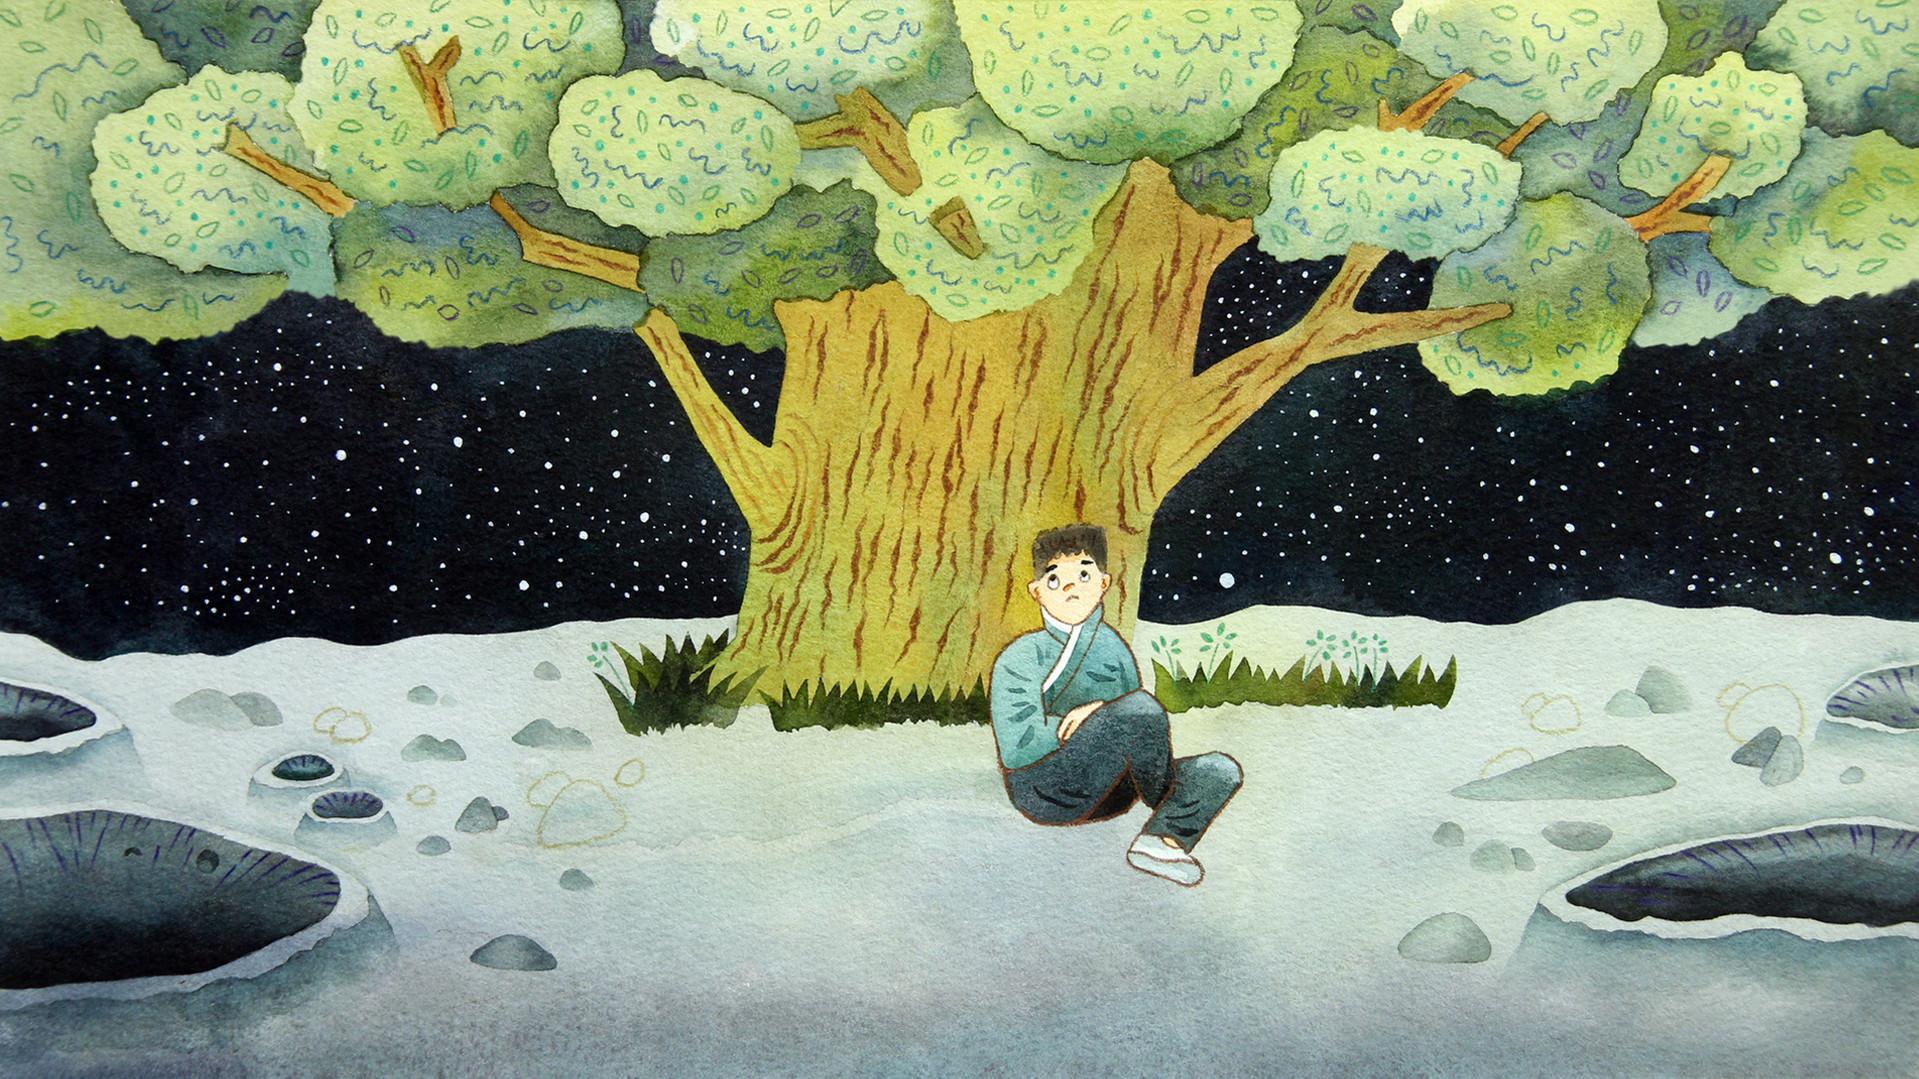 wu_gang_and_the_tree_11.jpg